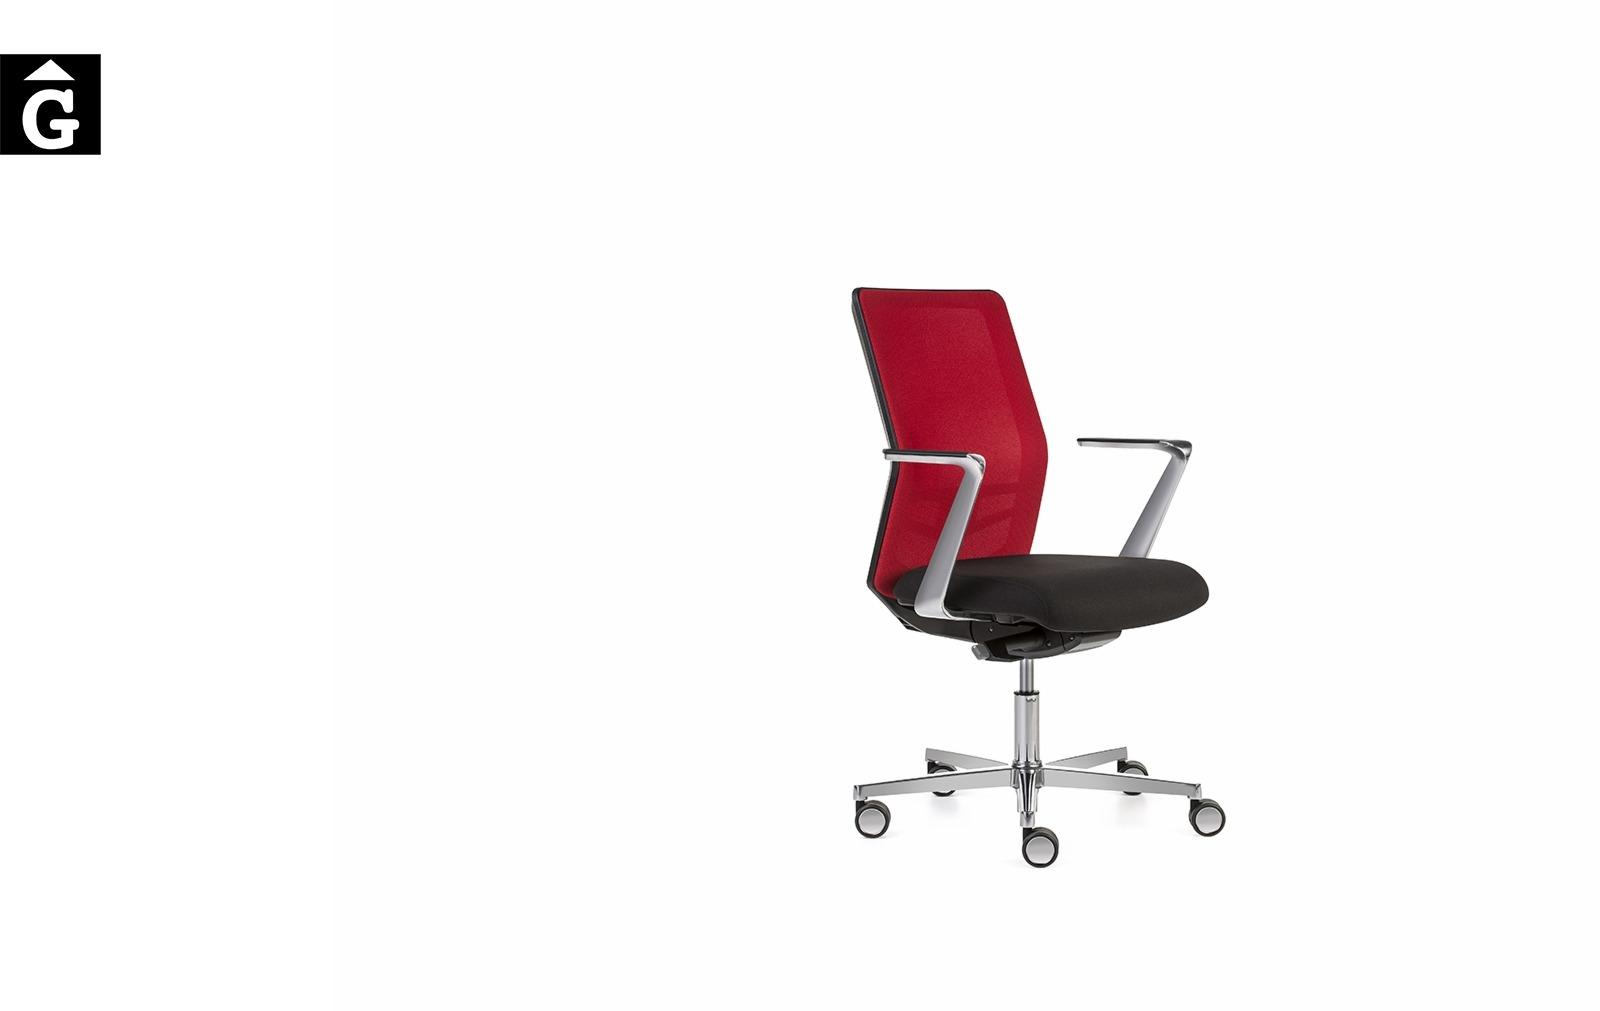 Cadira oficina Equis crom i vermell | Vista perfil | Dileoffice | Dile | mobiliari d'oficina molt interessant | mobles Gifreu | botiga | Contract | Mobles nous oficina